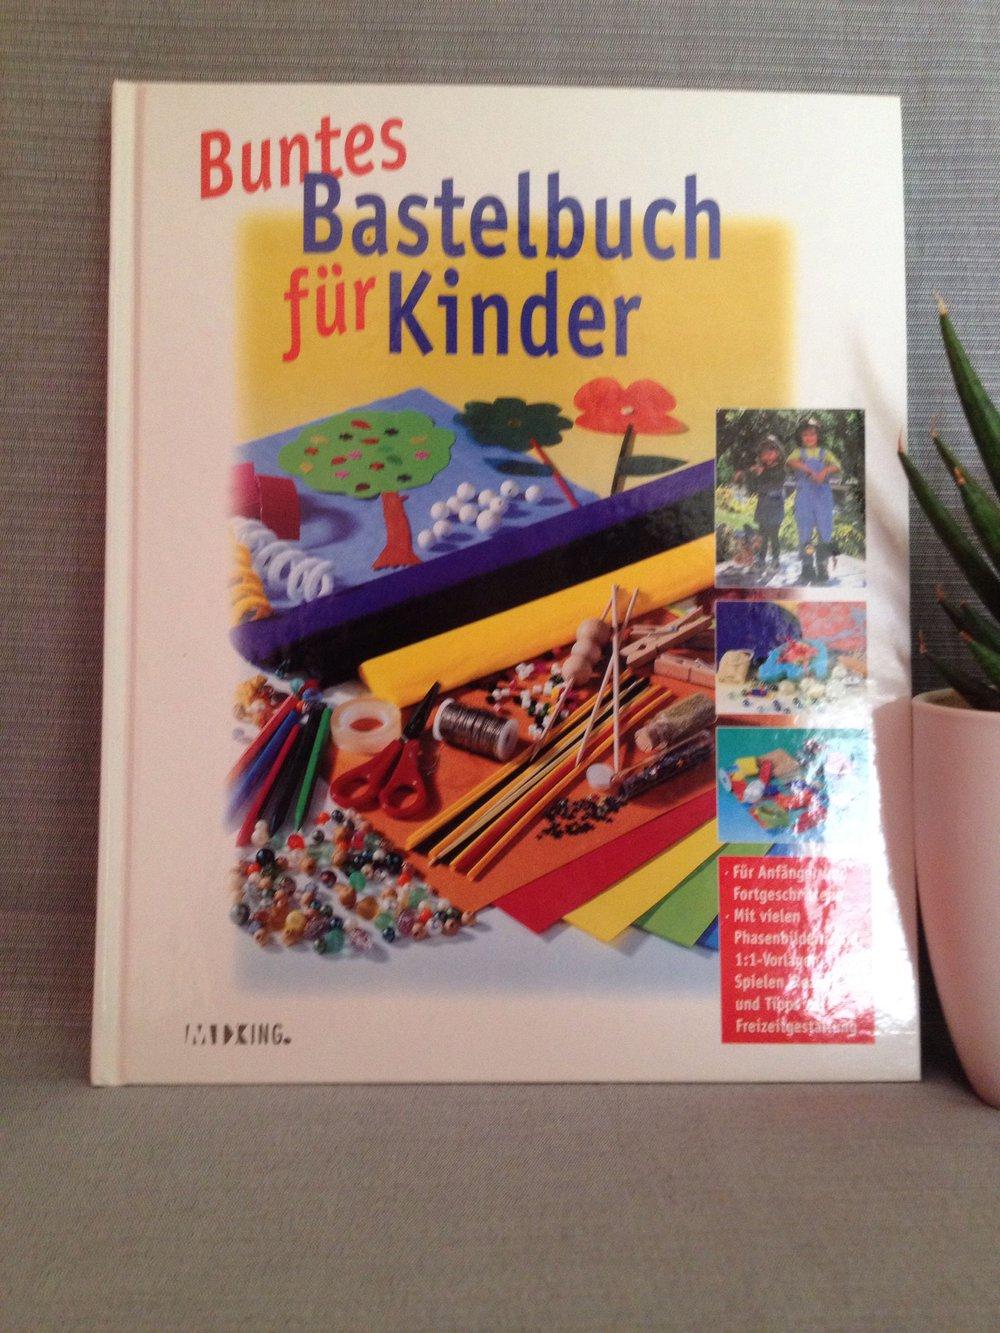 buntes bastelbuch f r kinder. Black Bedroom Furniture Sets. Home Design Ideas